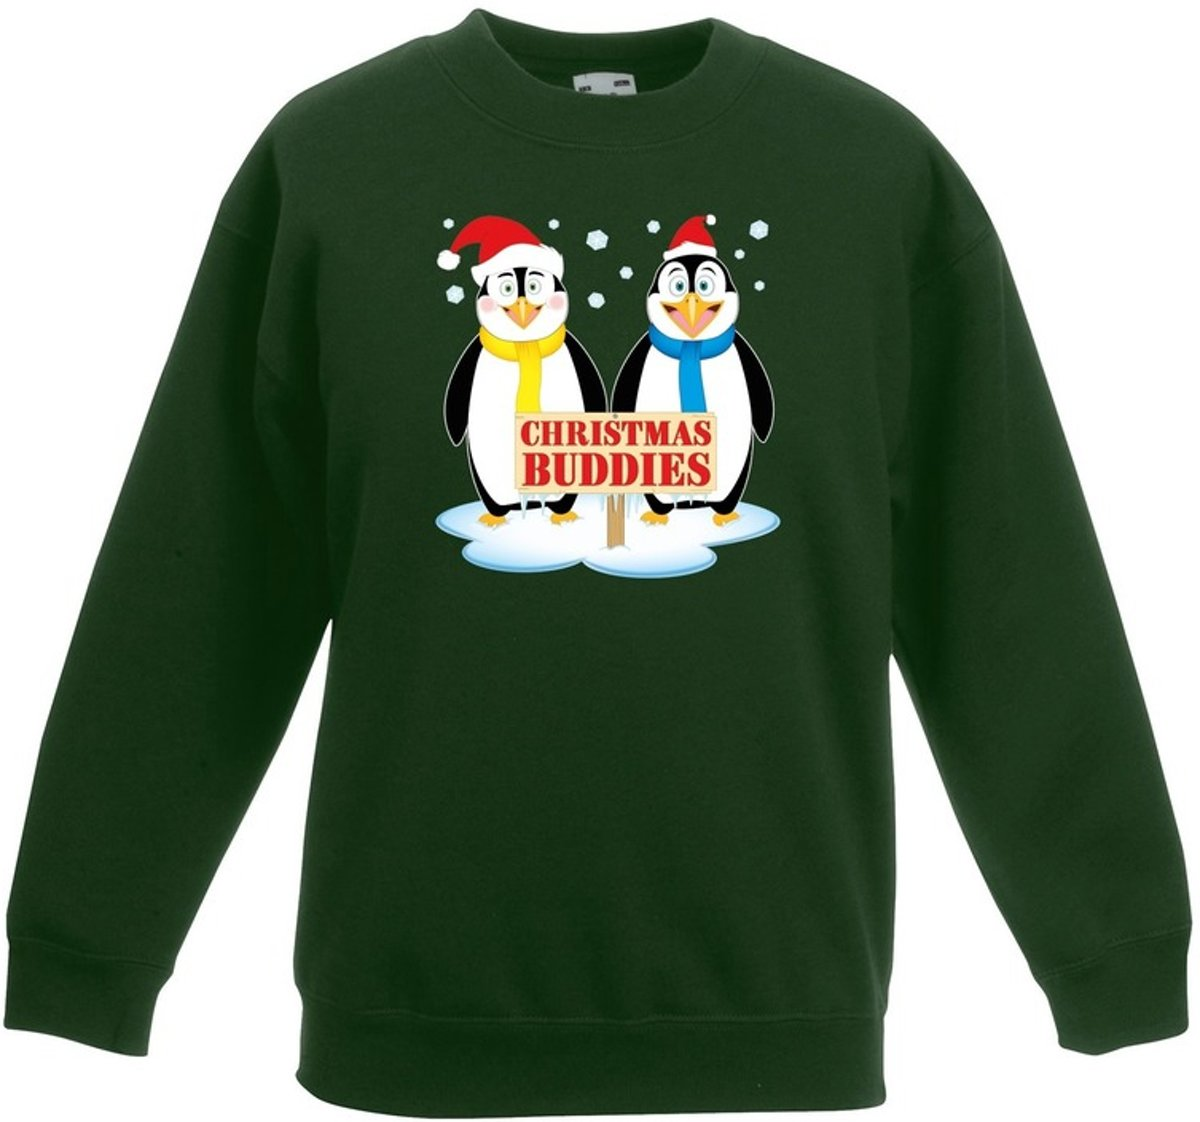 Groene kersttrui met 2 pinguin vriendjes voor jongens en meisjes - Kerstruien kind 3-4 jaar (98/104) kopen